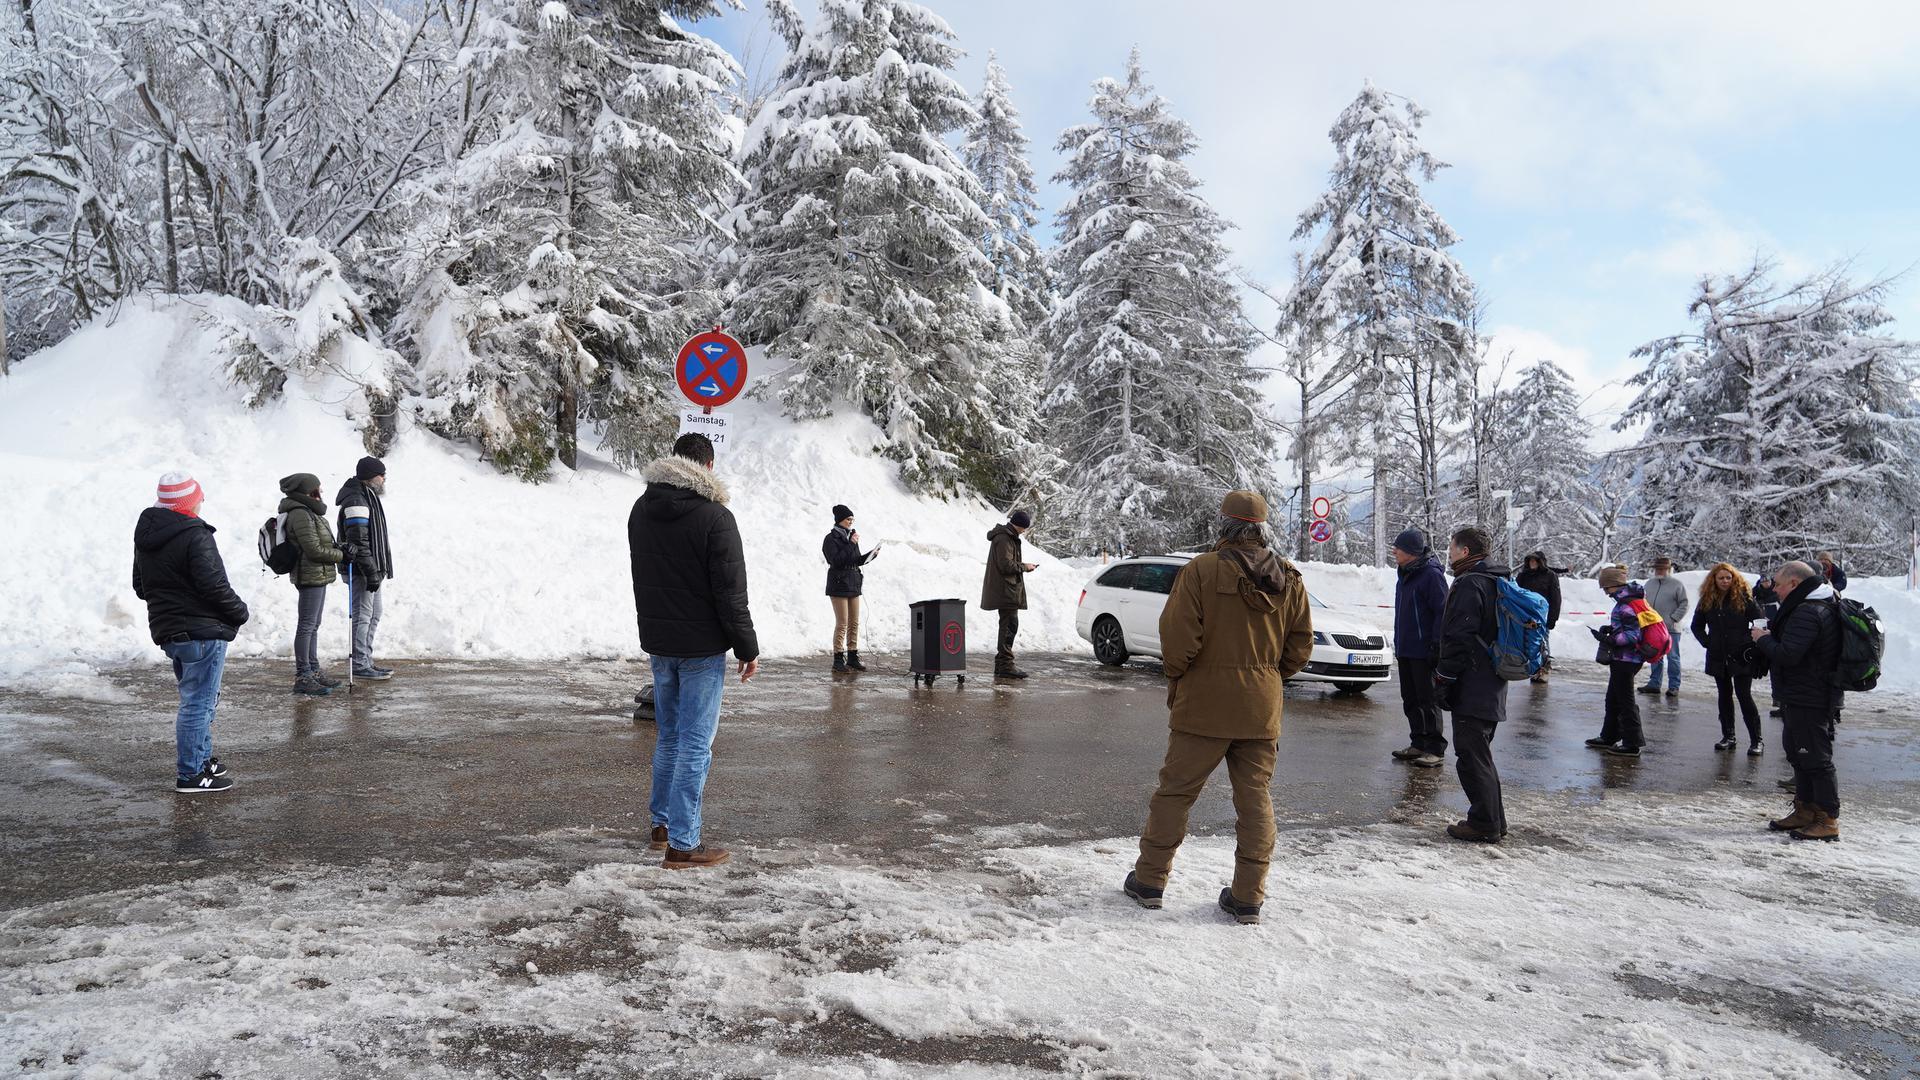 Gruppe von Menschen auf einem Parkplatz